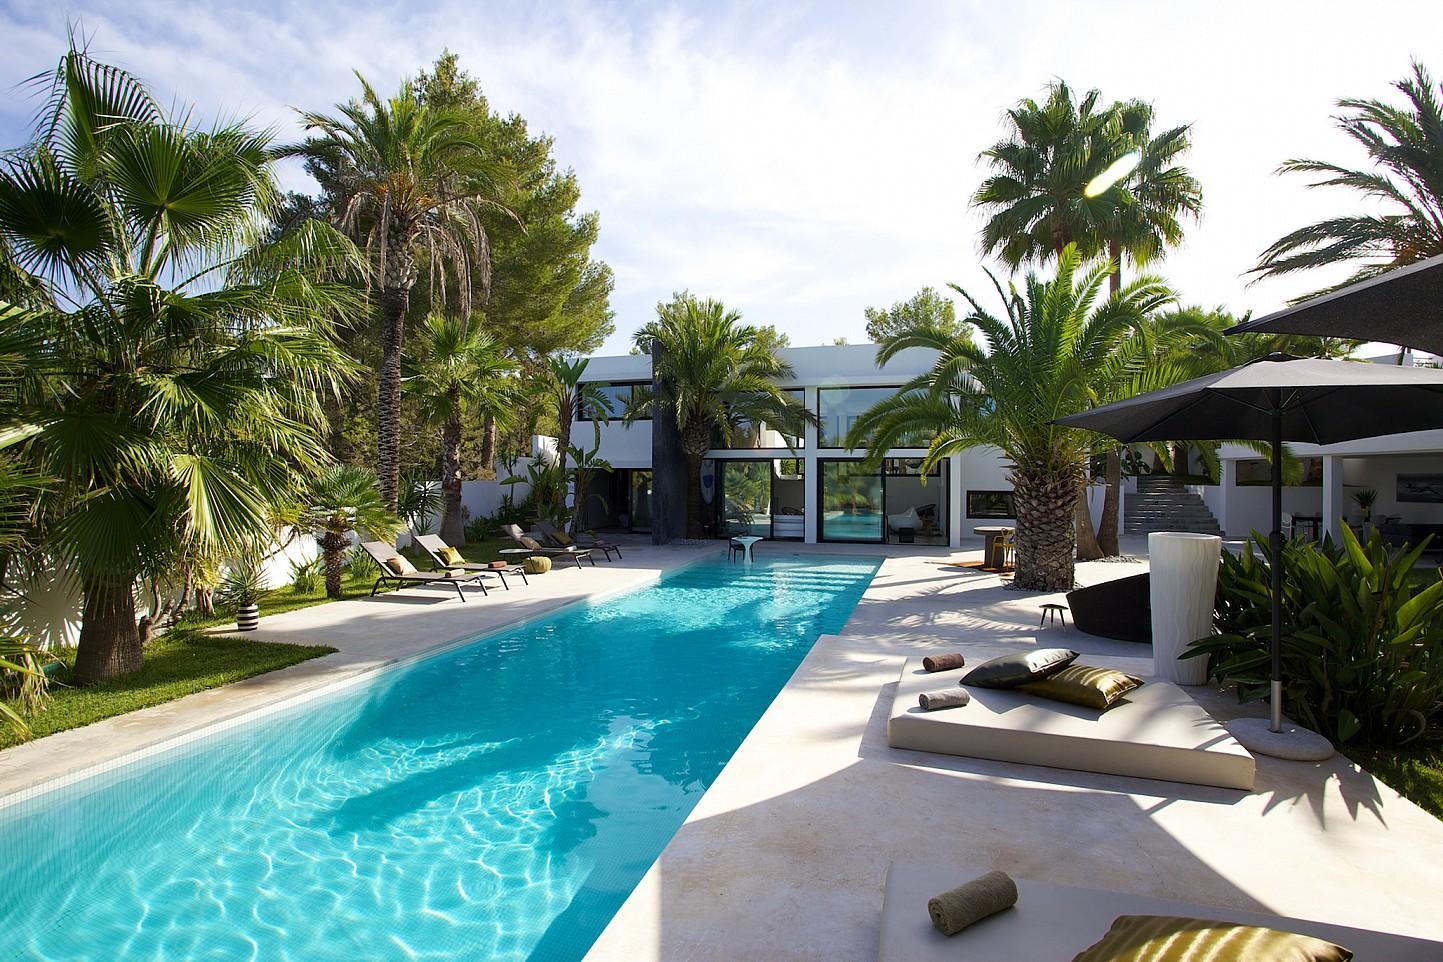 Шикарный бассейн виллы в стиле минимализм на Ибице